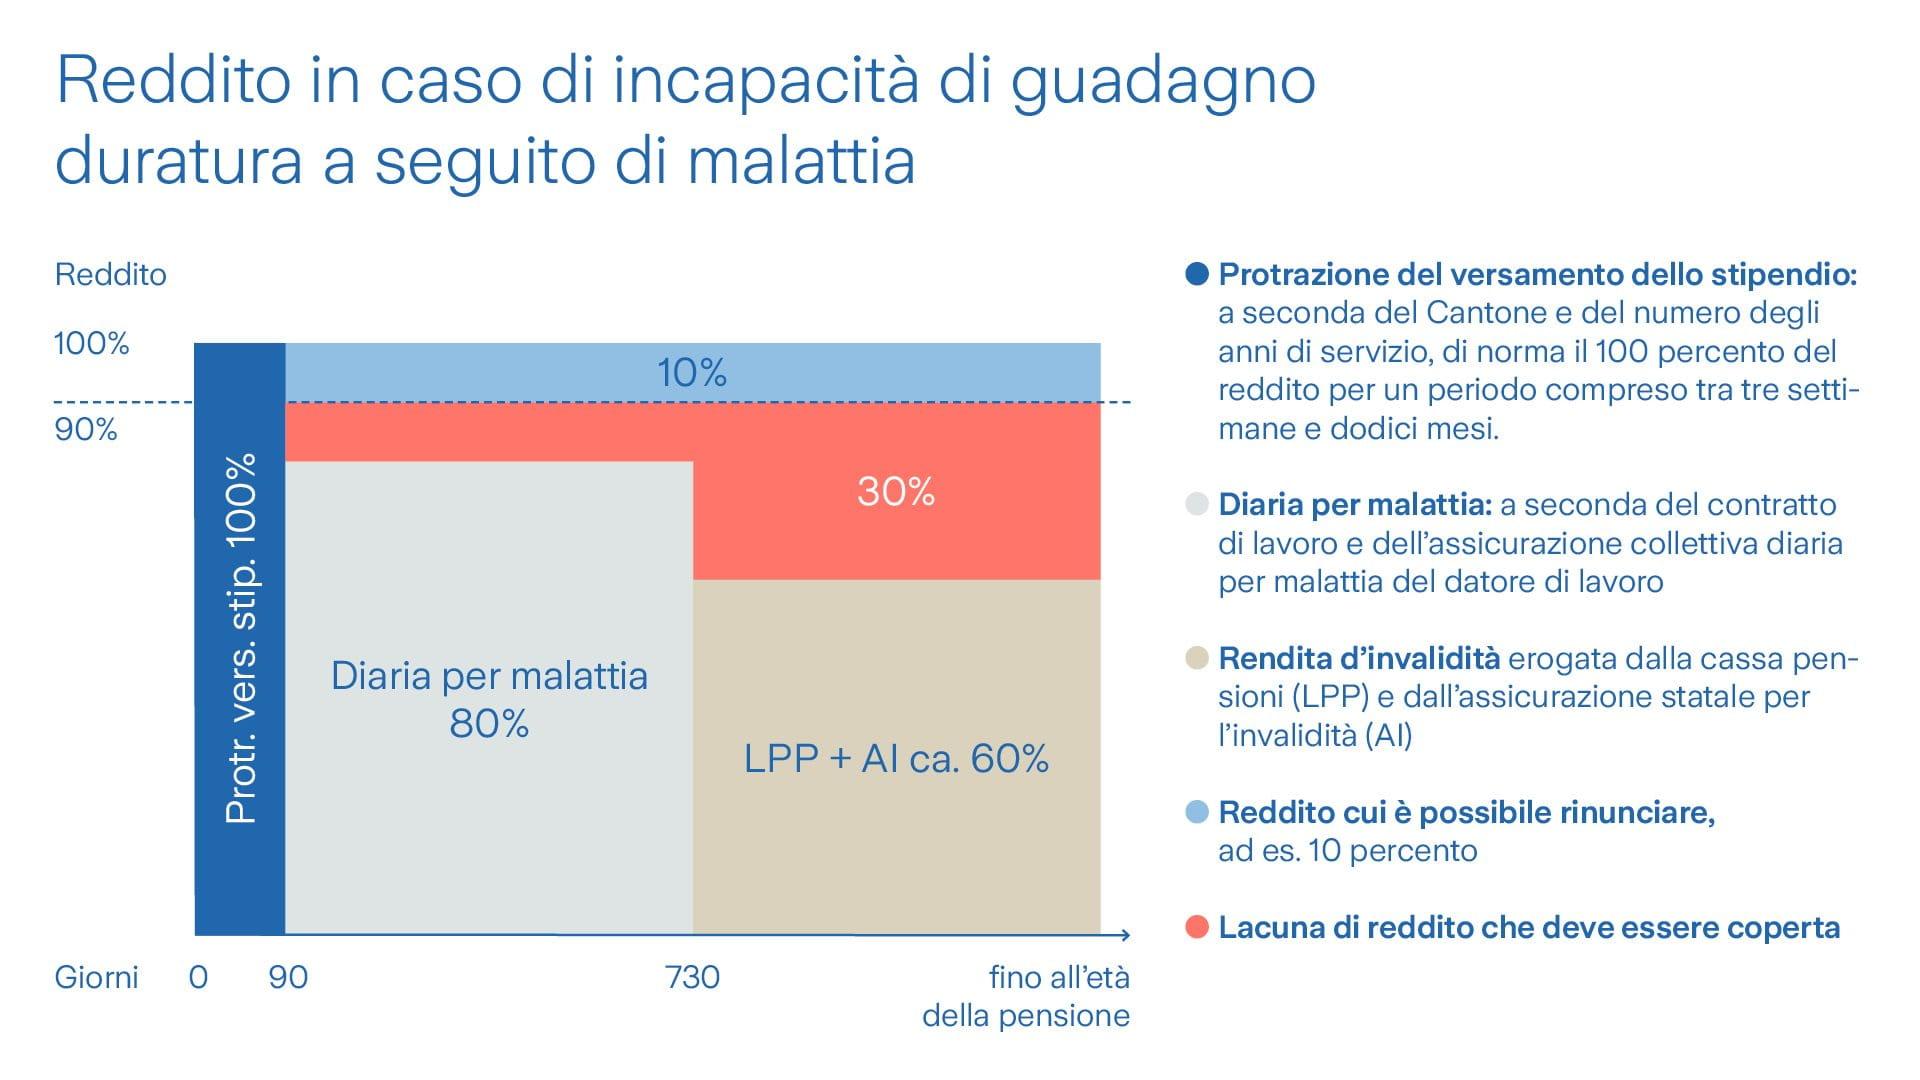 Grafico di incapacità di guadagno duratura a seguito di malattia